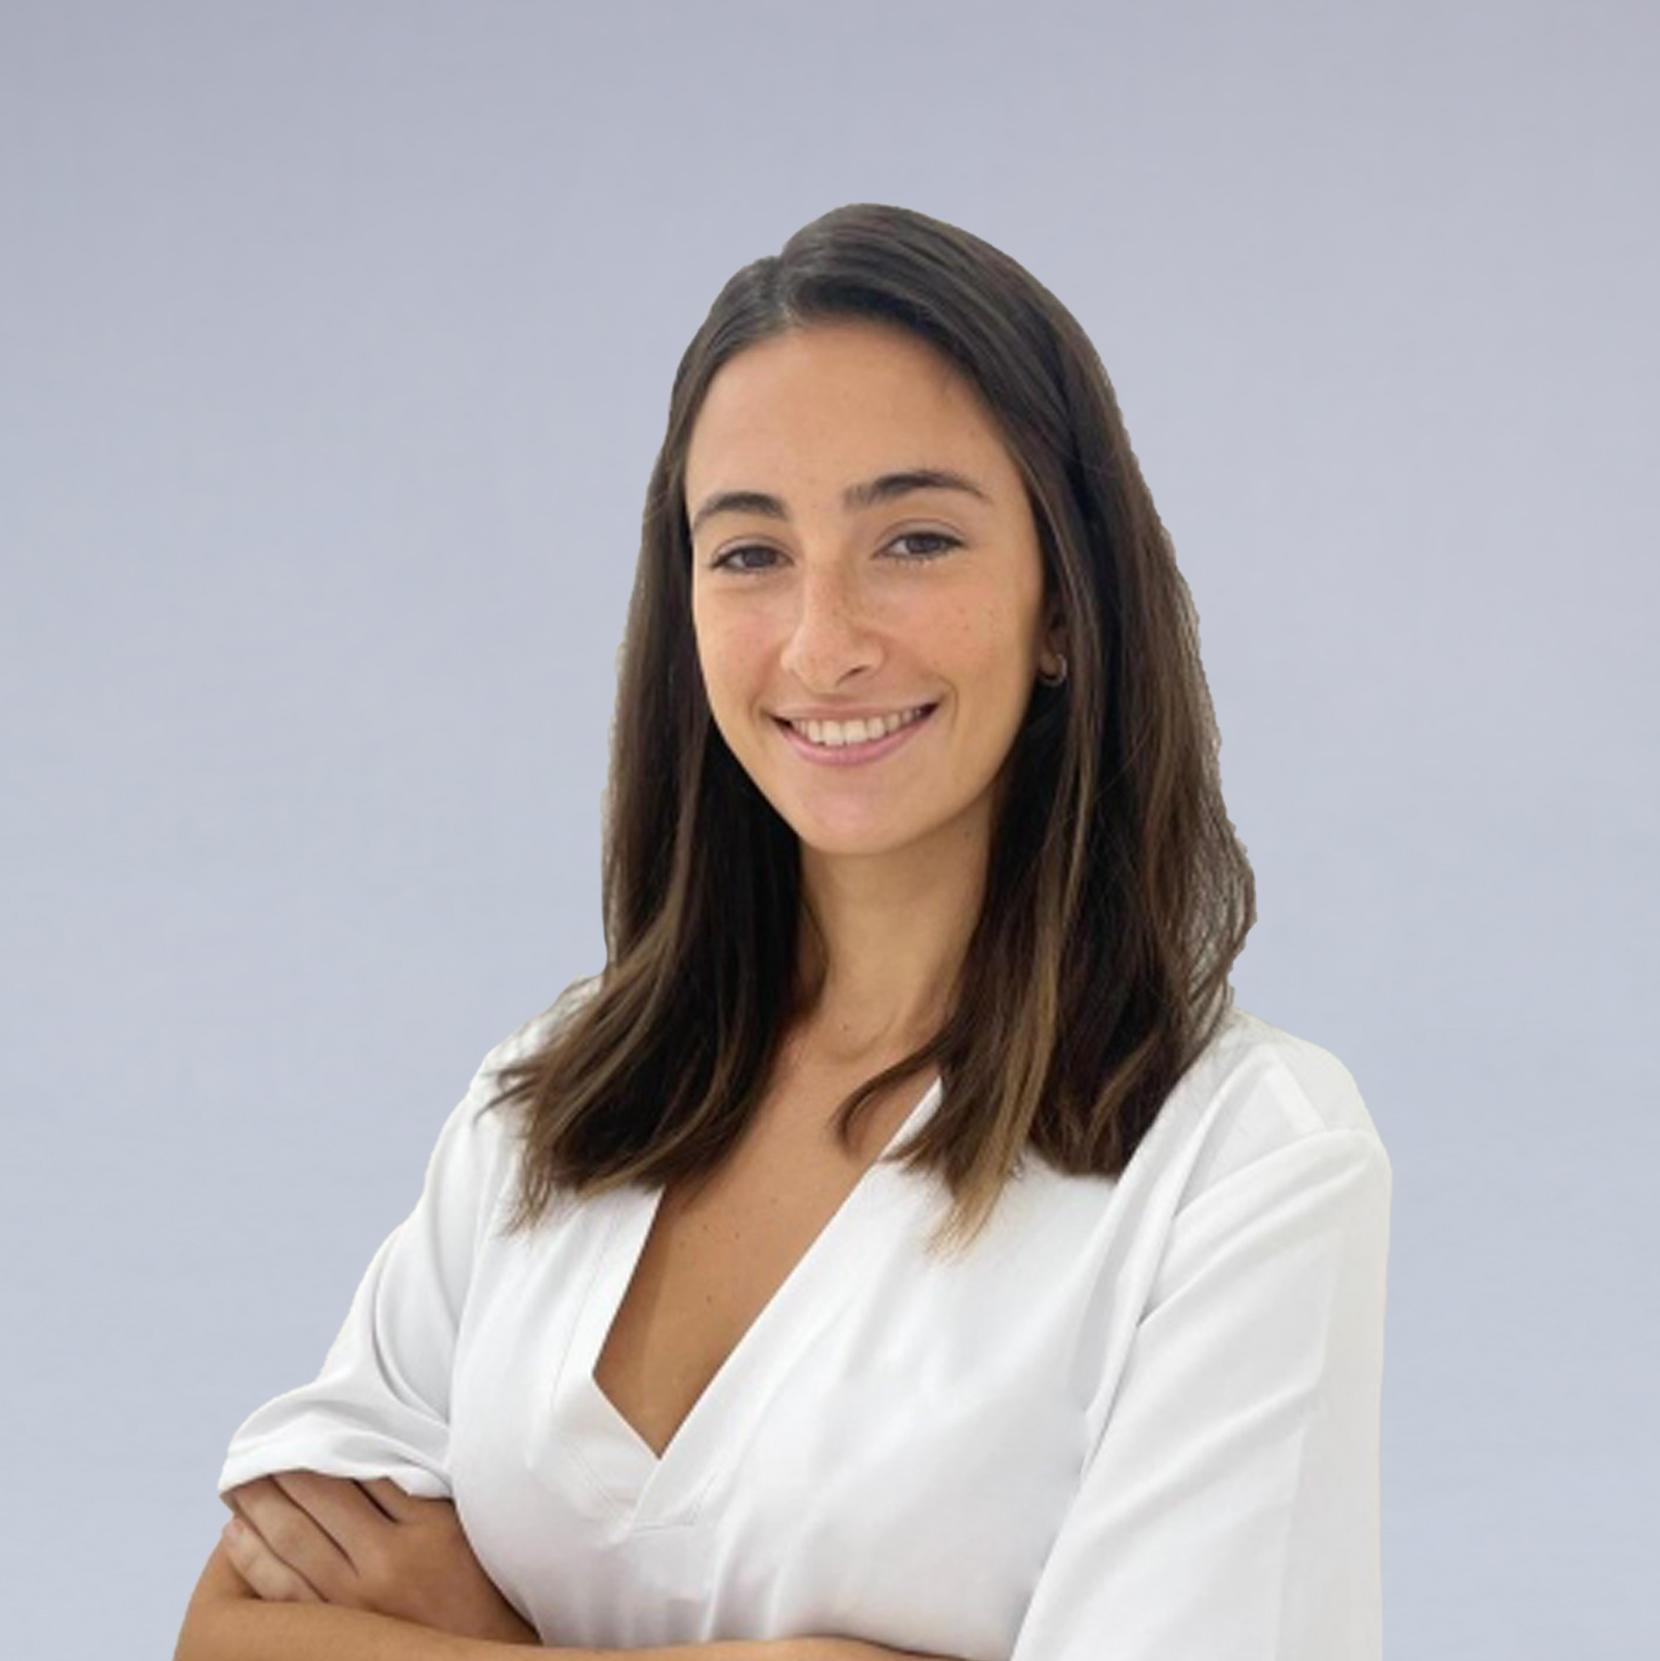 Raquel Queral Cabrera